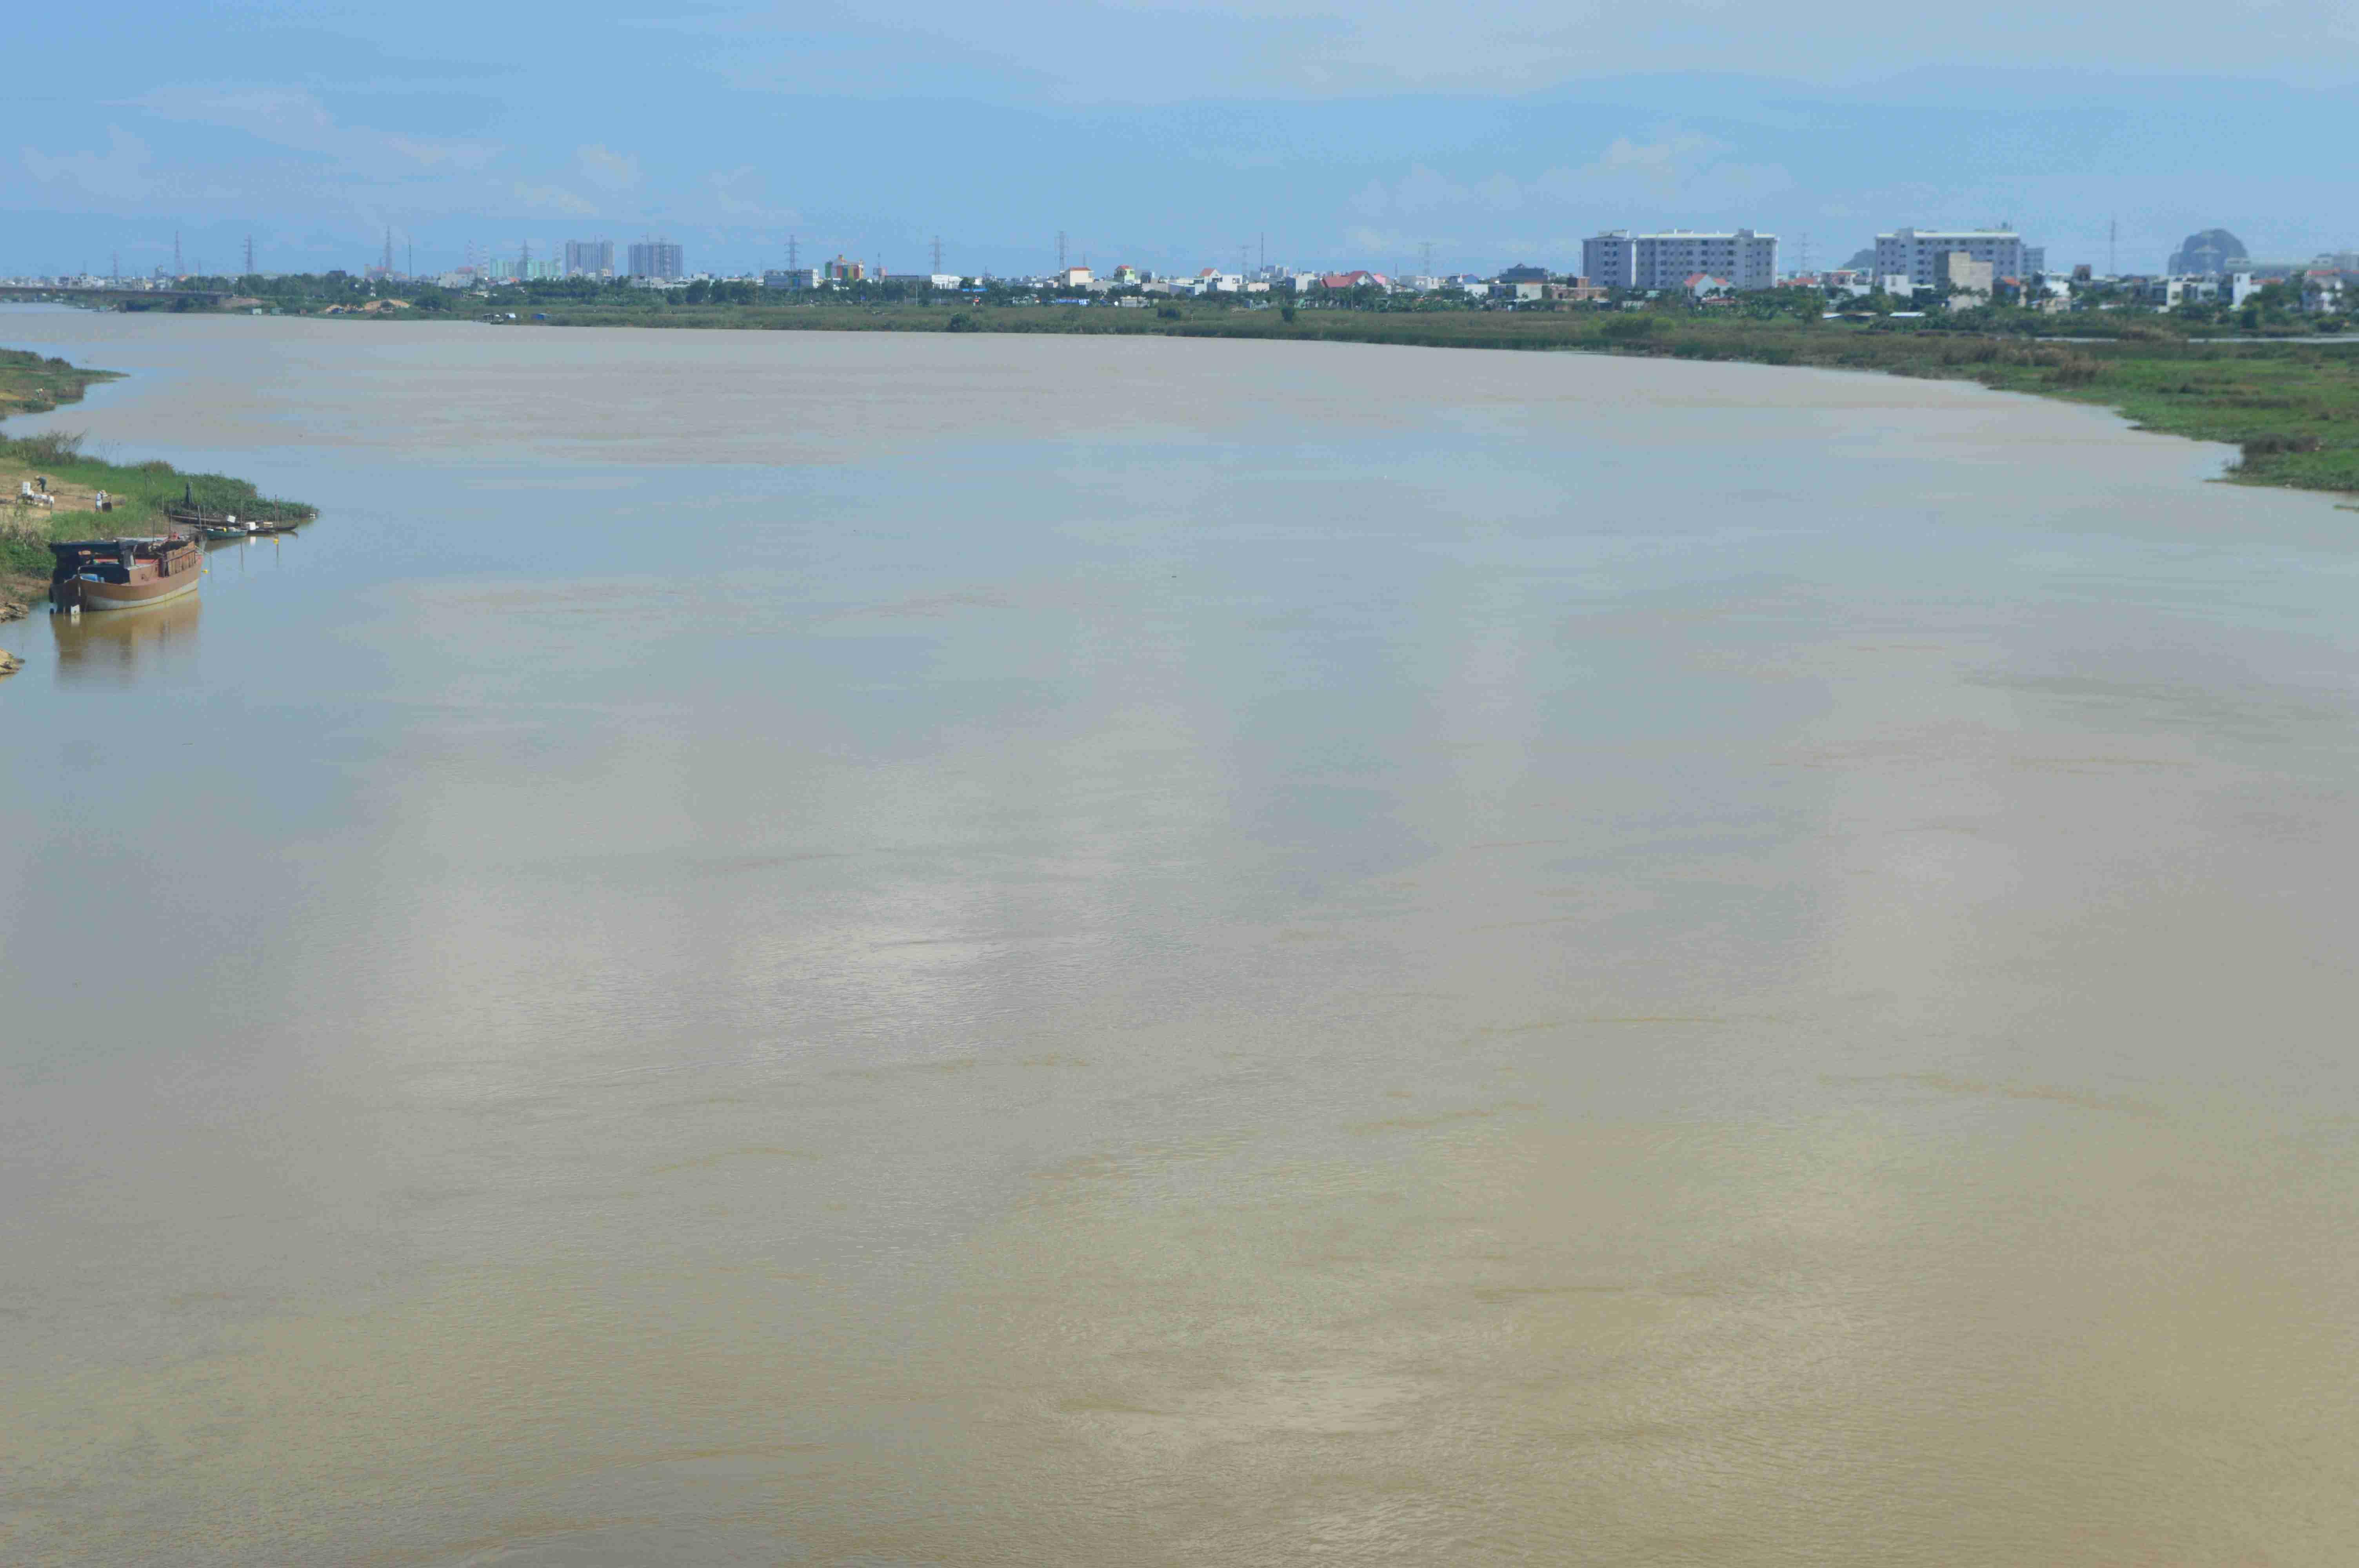 Từ năm 2017, Đà Nẵng sẽ mở mới tuyến vận tải du lịch sông Hàn - Vĩnh Điện. Ảnh:Q.T